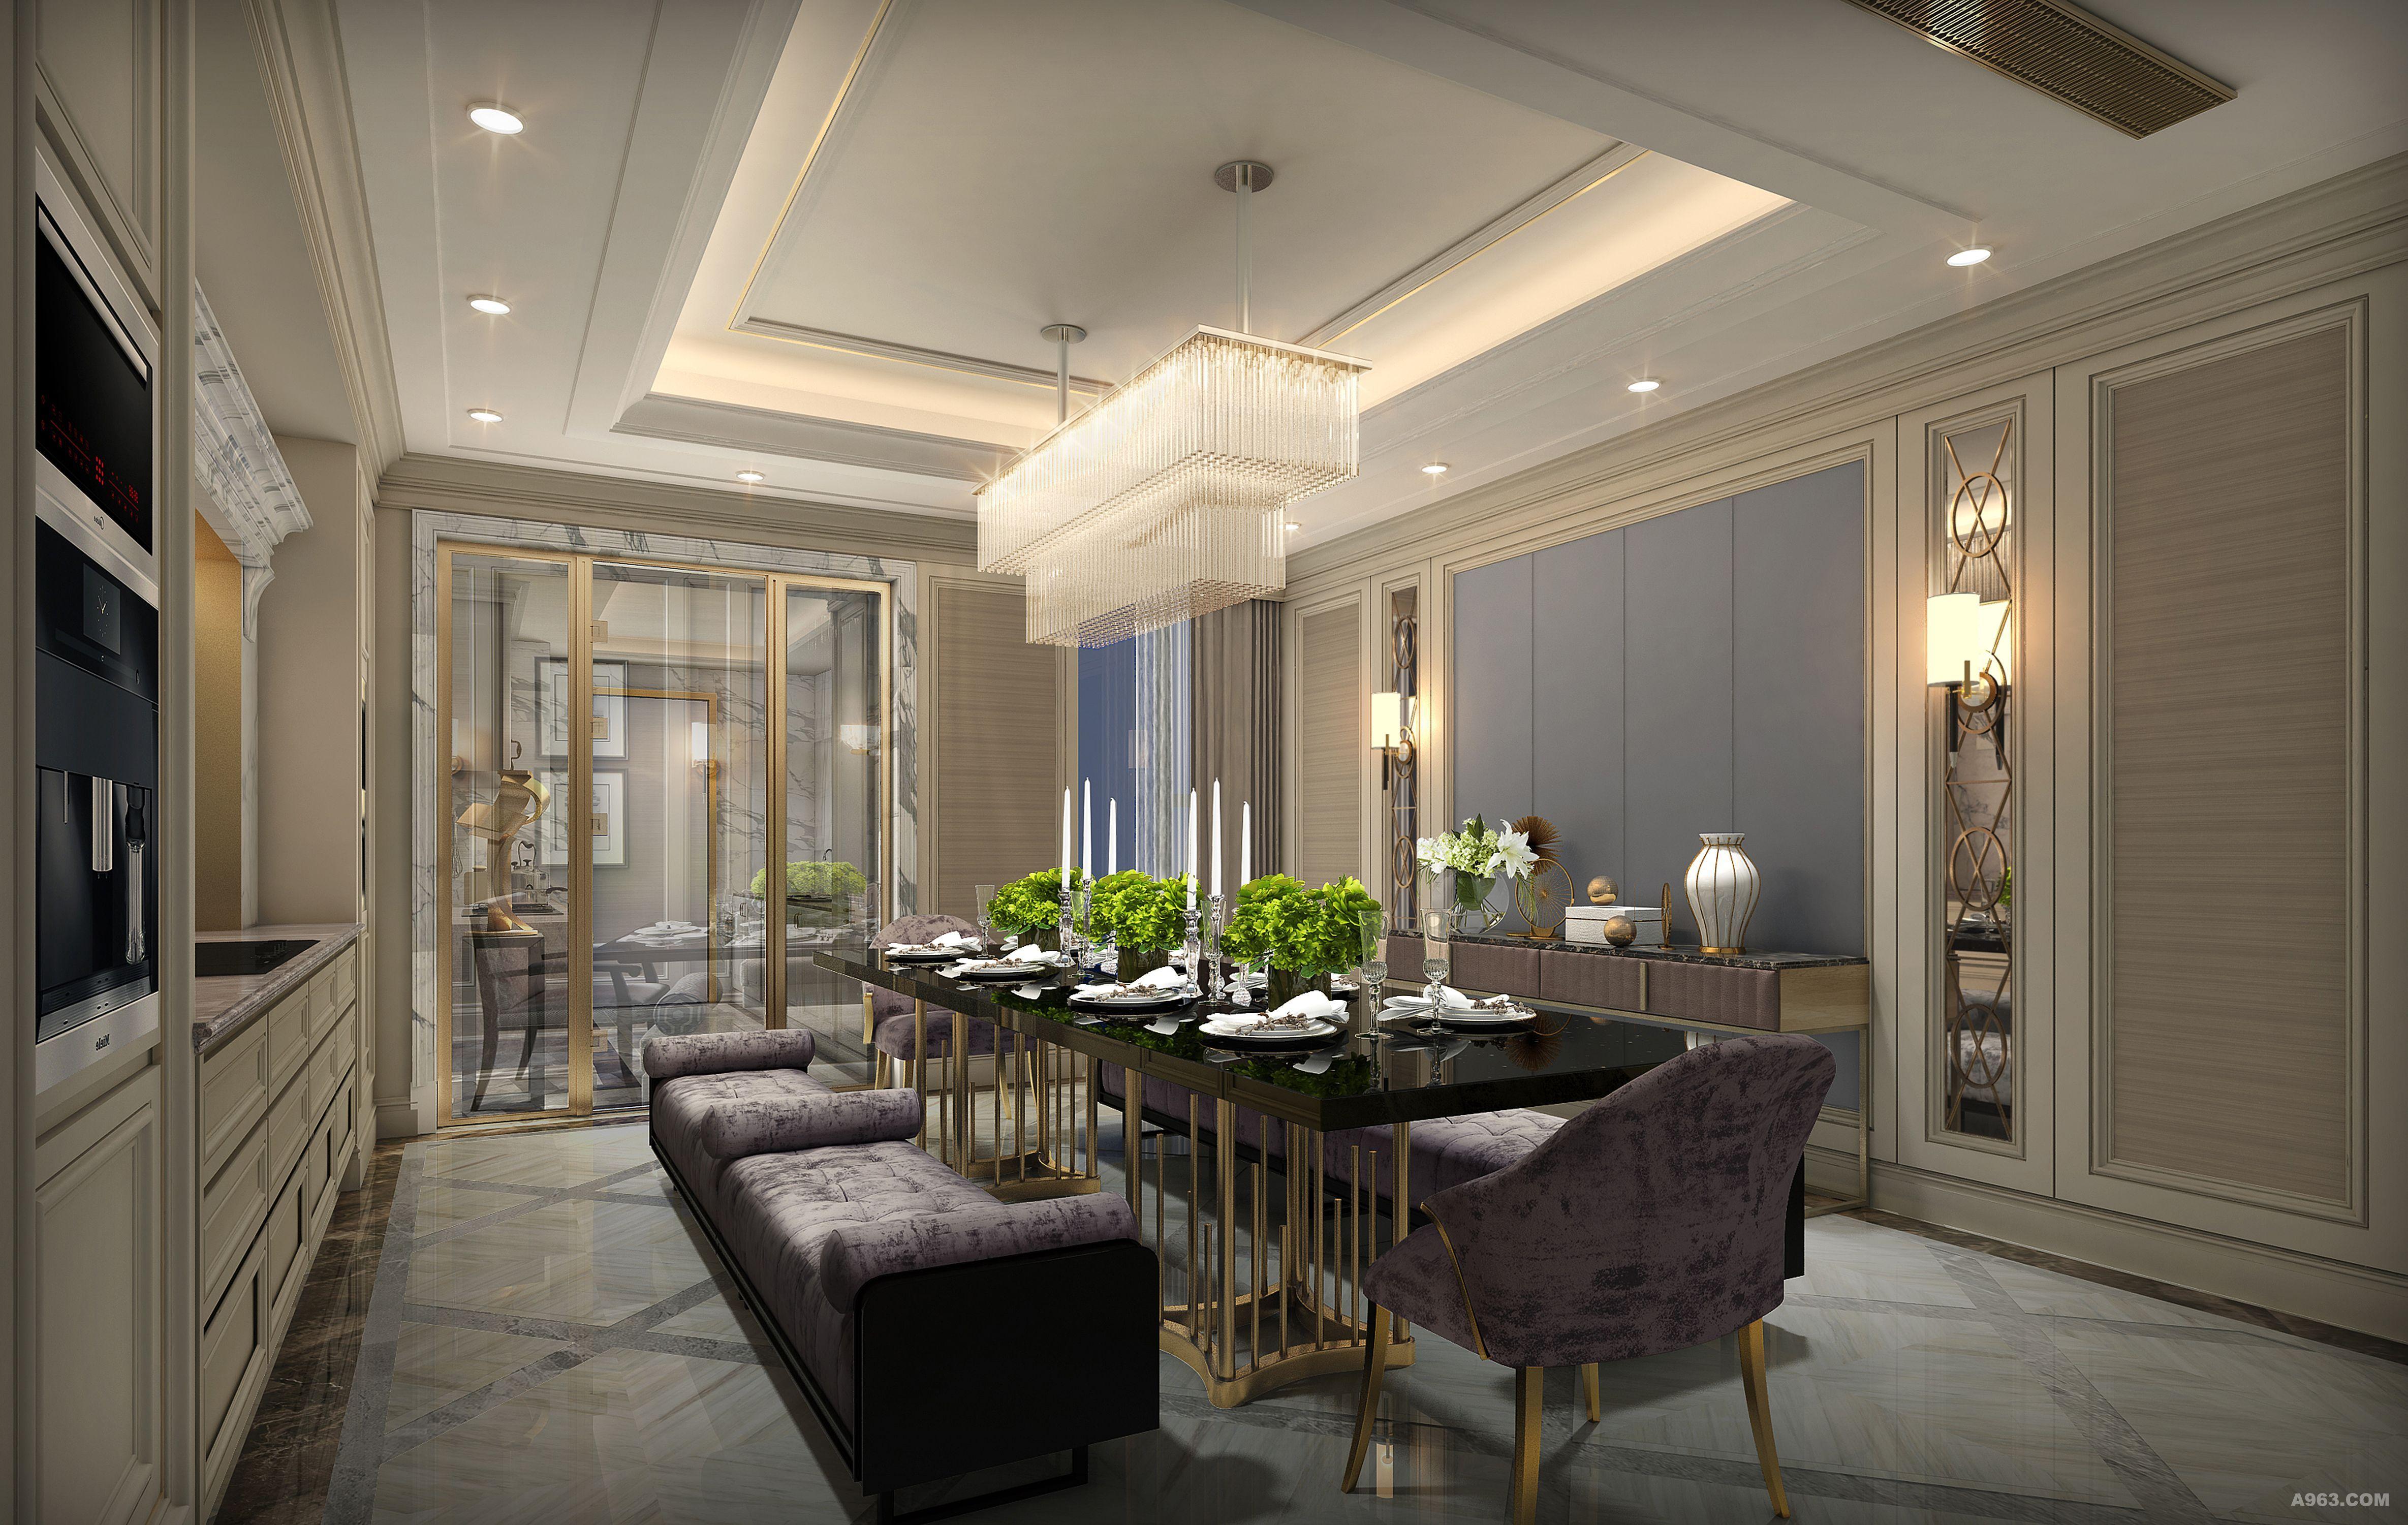 餐厅空间的设计,回归了初始的欧式情怀,皮质的质感与布艺融合,都混进